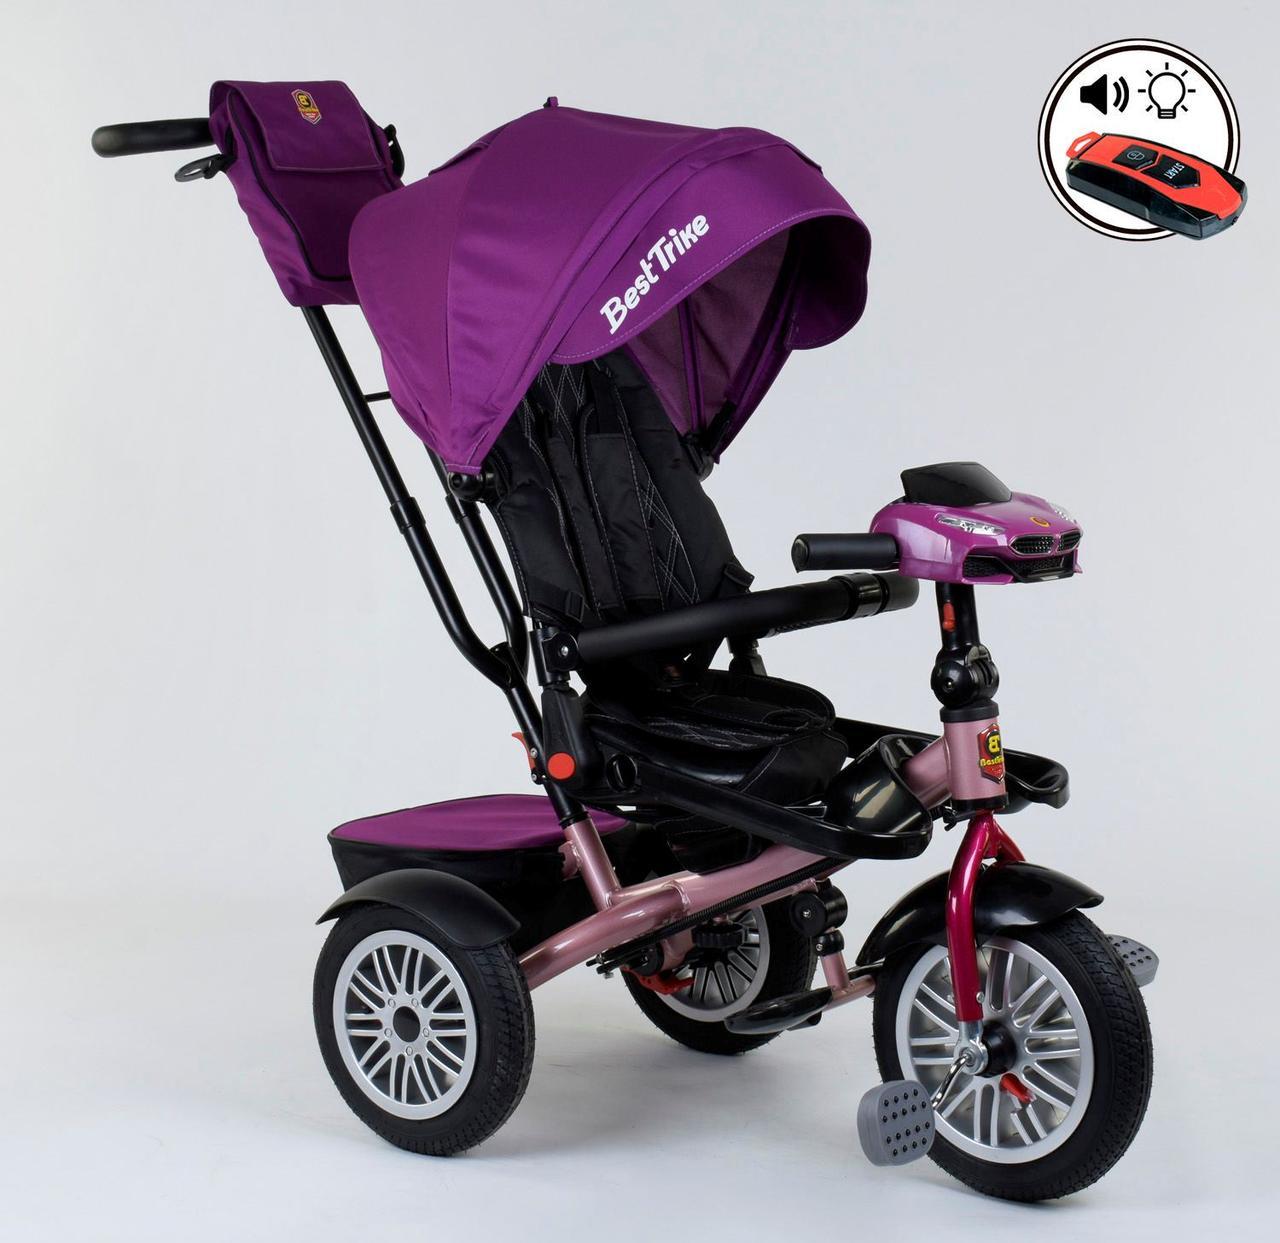 Велосипед 3-х колёсный 9288 В - 3920 Best Trike (1) ПОВОРОТНОЕ СИДЕНЬЕ, СКЛАДНОЙ РУЛЬ, ПУЛЬТ 76986